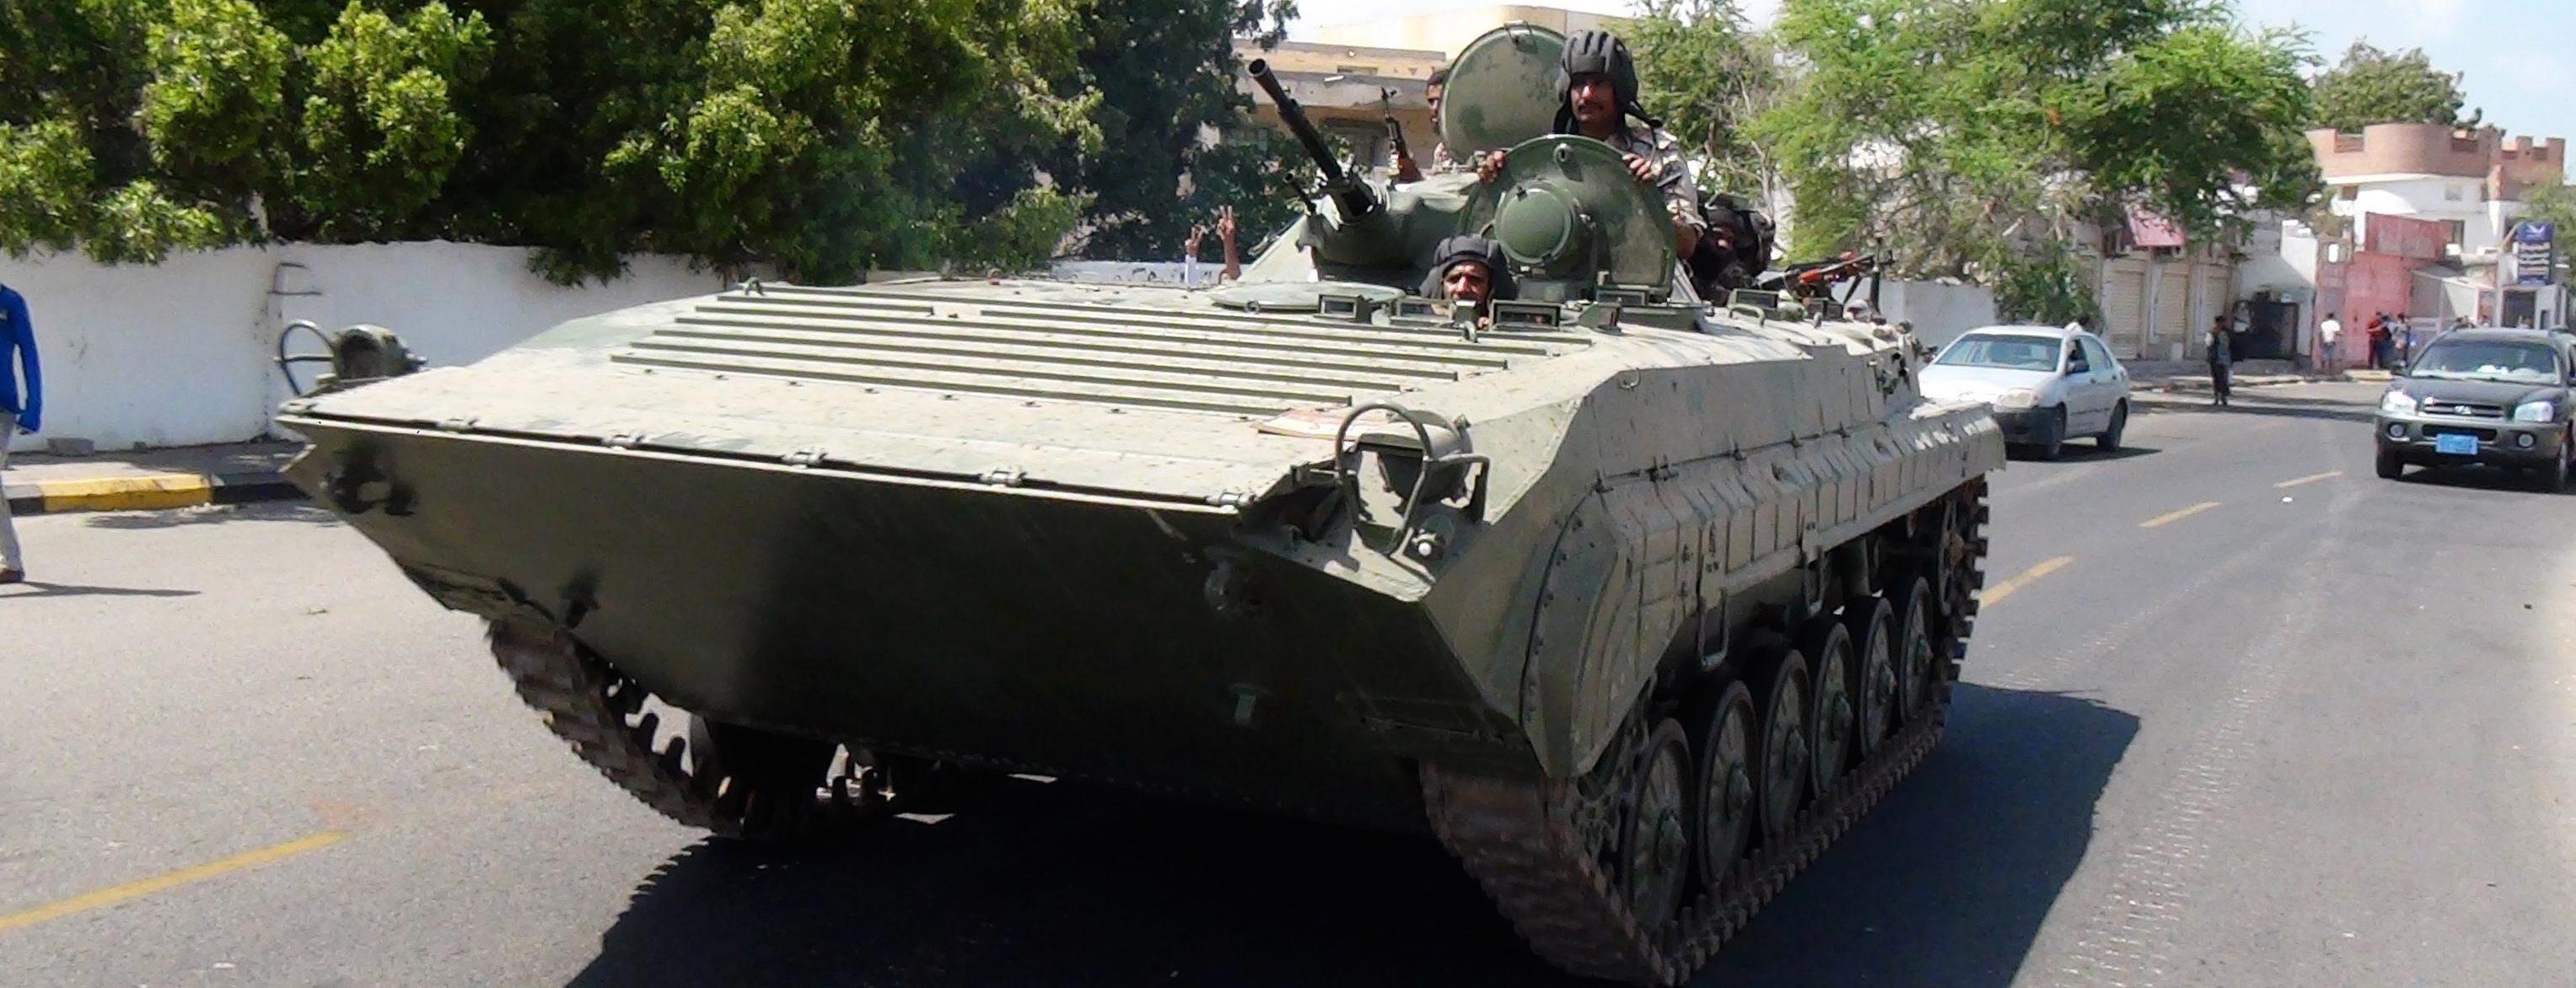 Forze armate dell'esercito dello Yemen